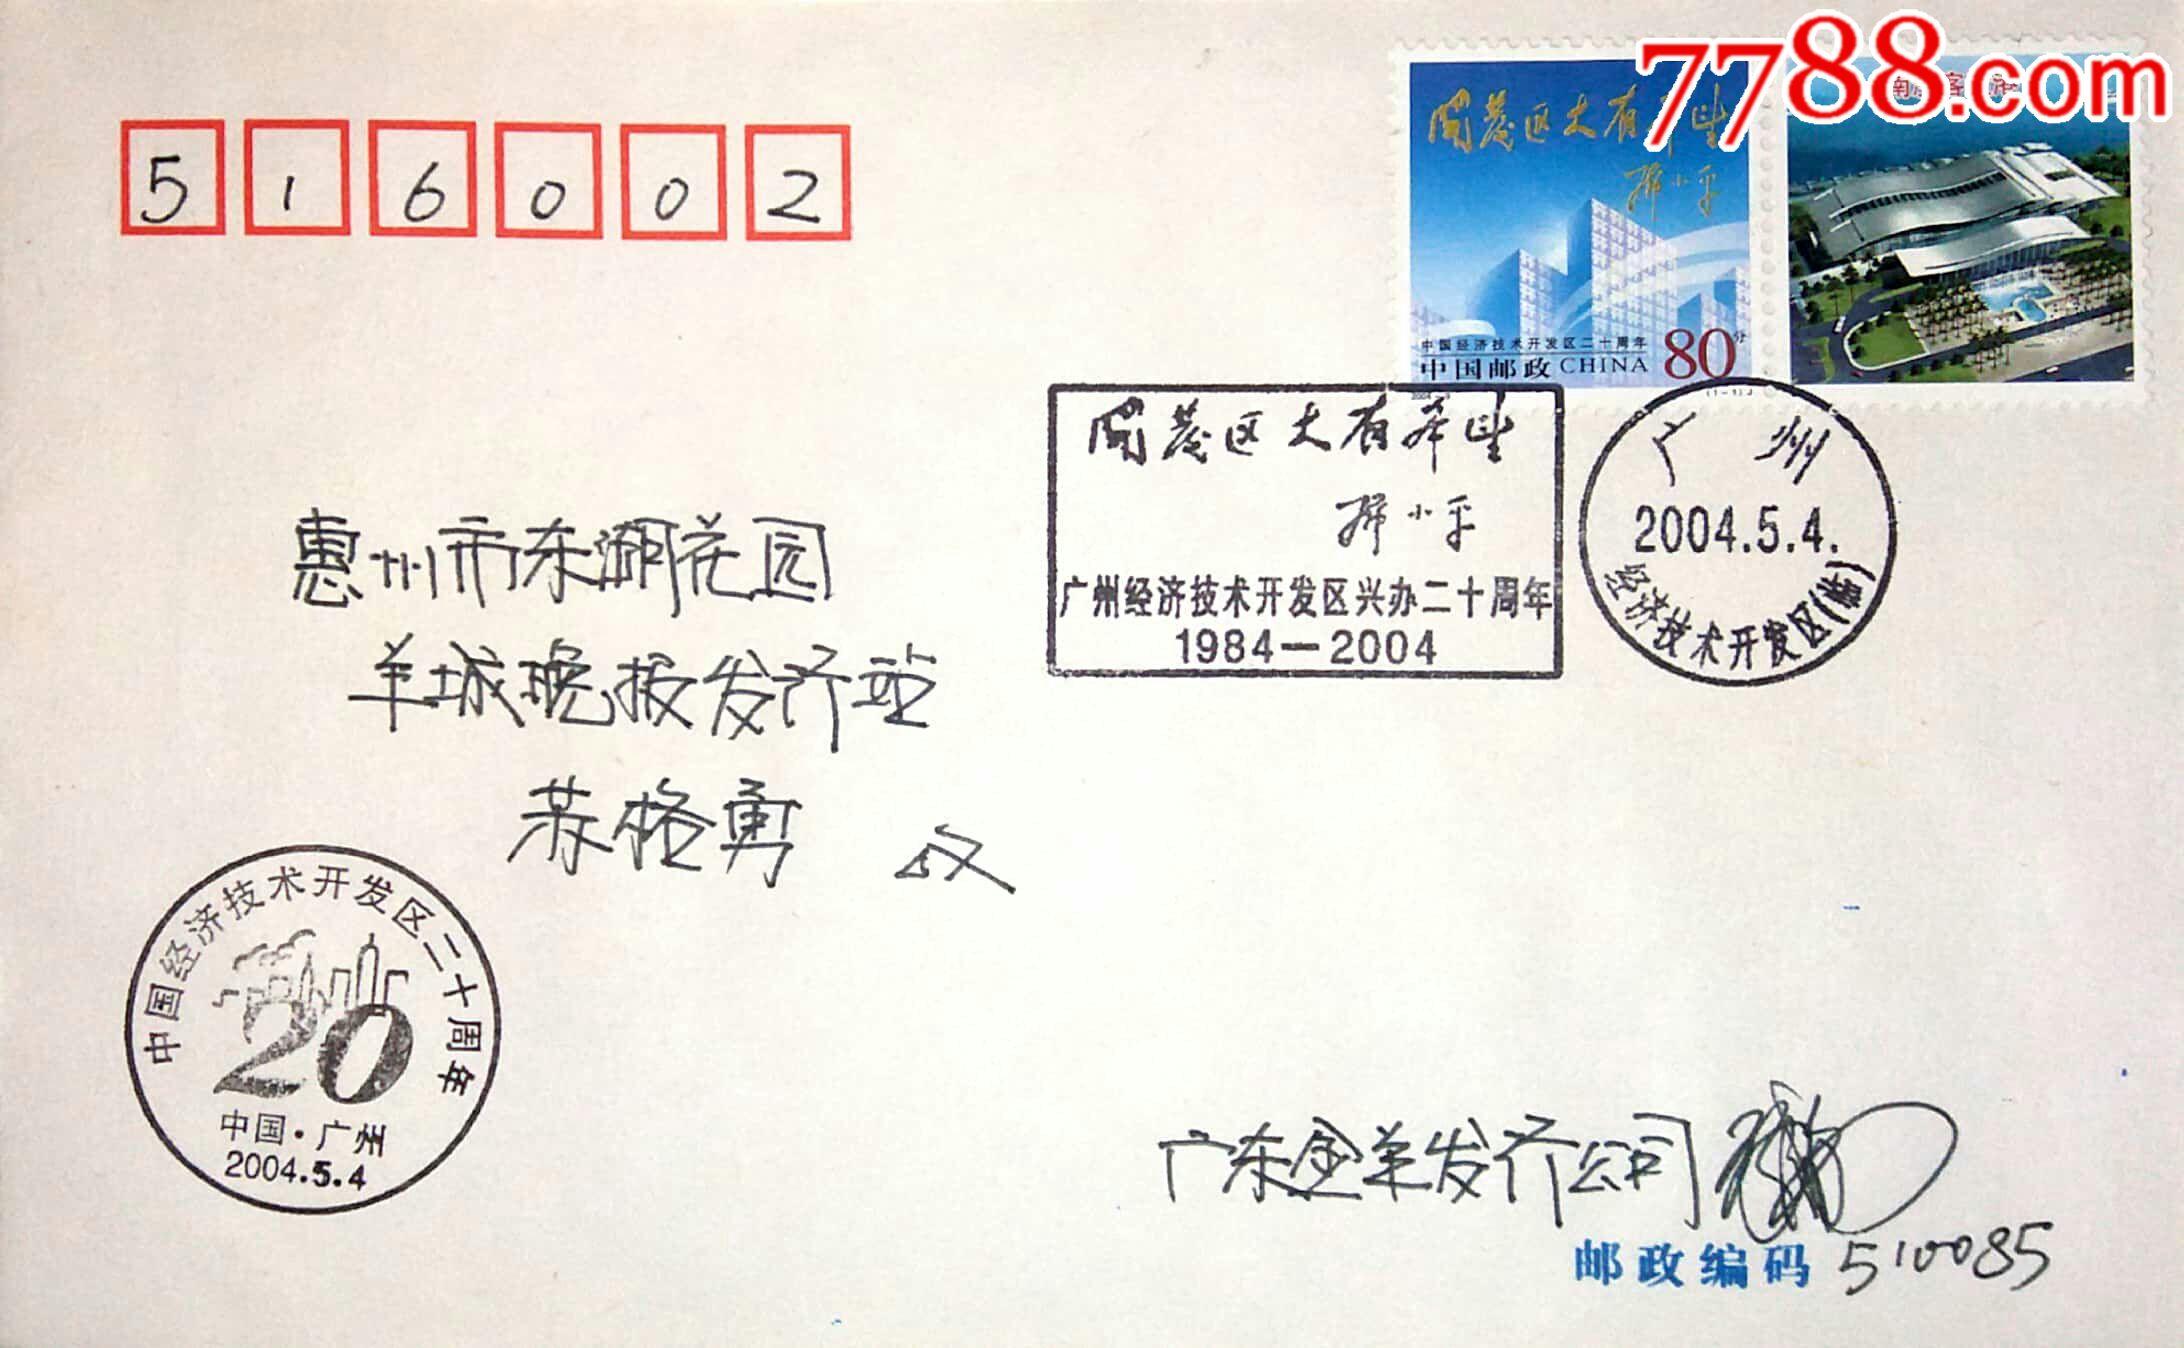 【1元起拍】2004-9《中国经济技术开发区二十周年》广州原地首日实寄(au20938725)_